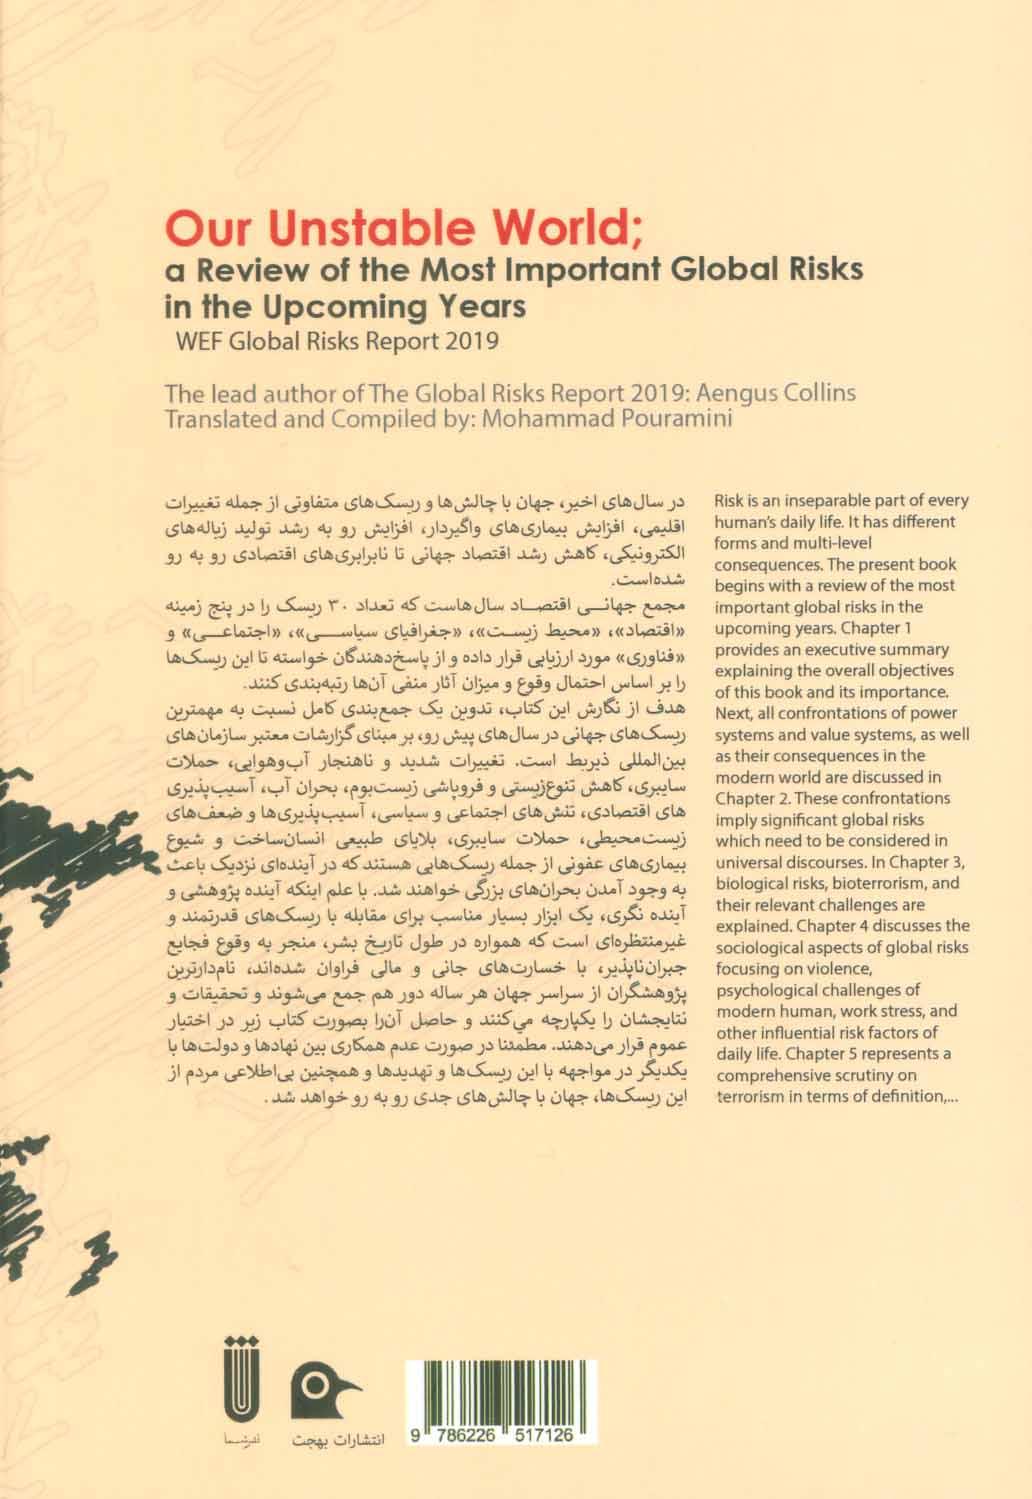 دنیای بی ثبات ما،بررسی مهم ترین ریسک های جهانی در سال های پیش رو براساس گزارشات مجمع جهانی اقتصاد